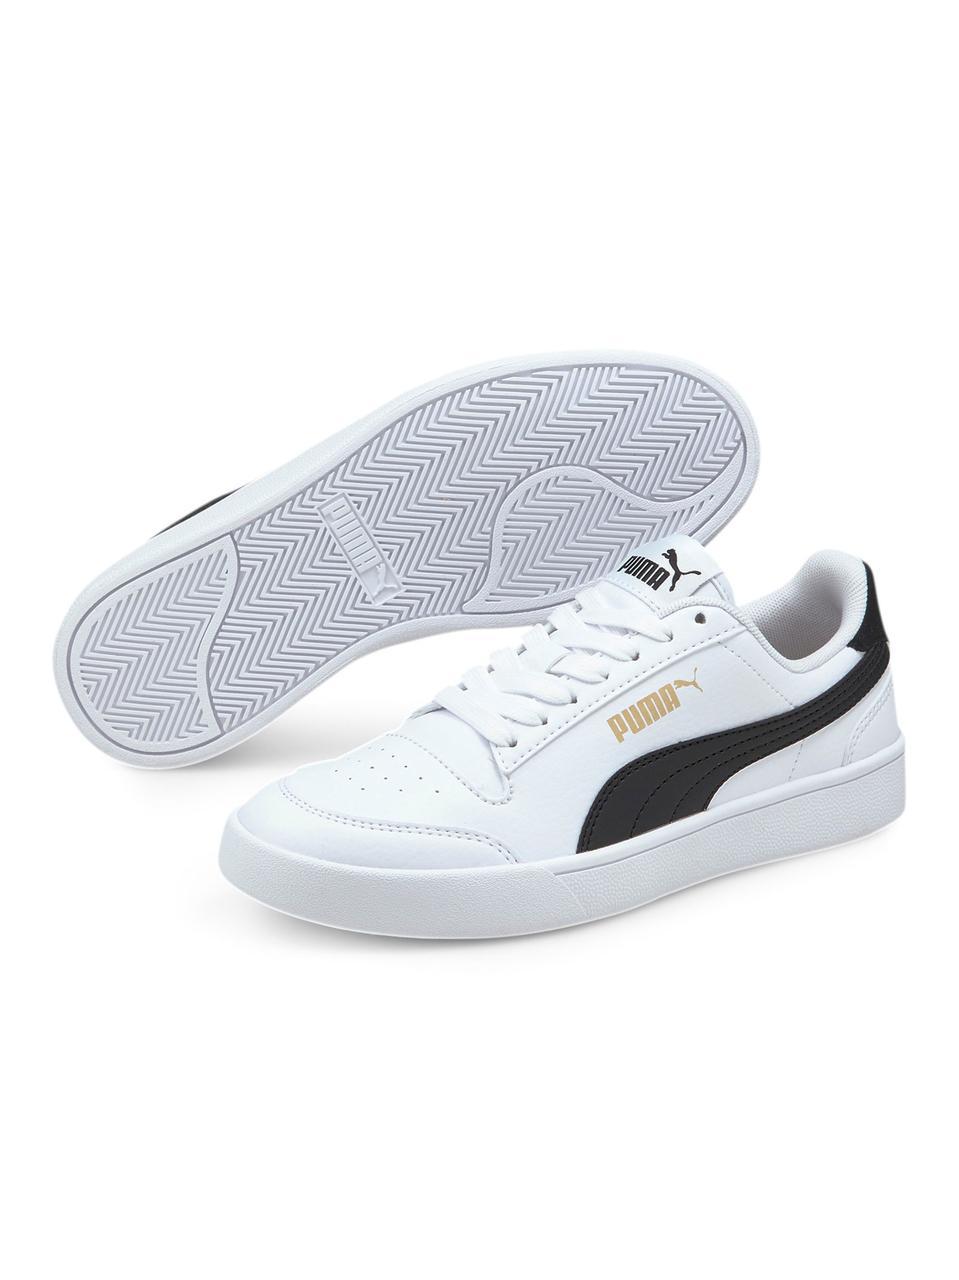 Кеди жіночі Puma Shuffle білі 375688-02